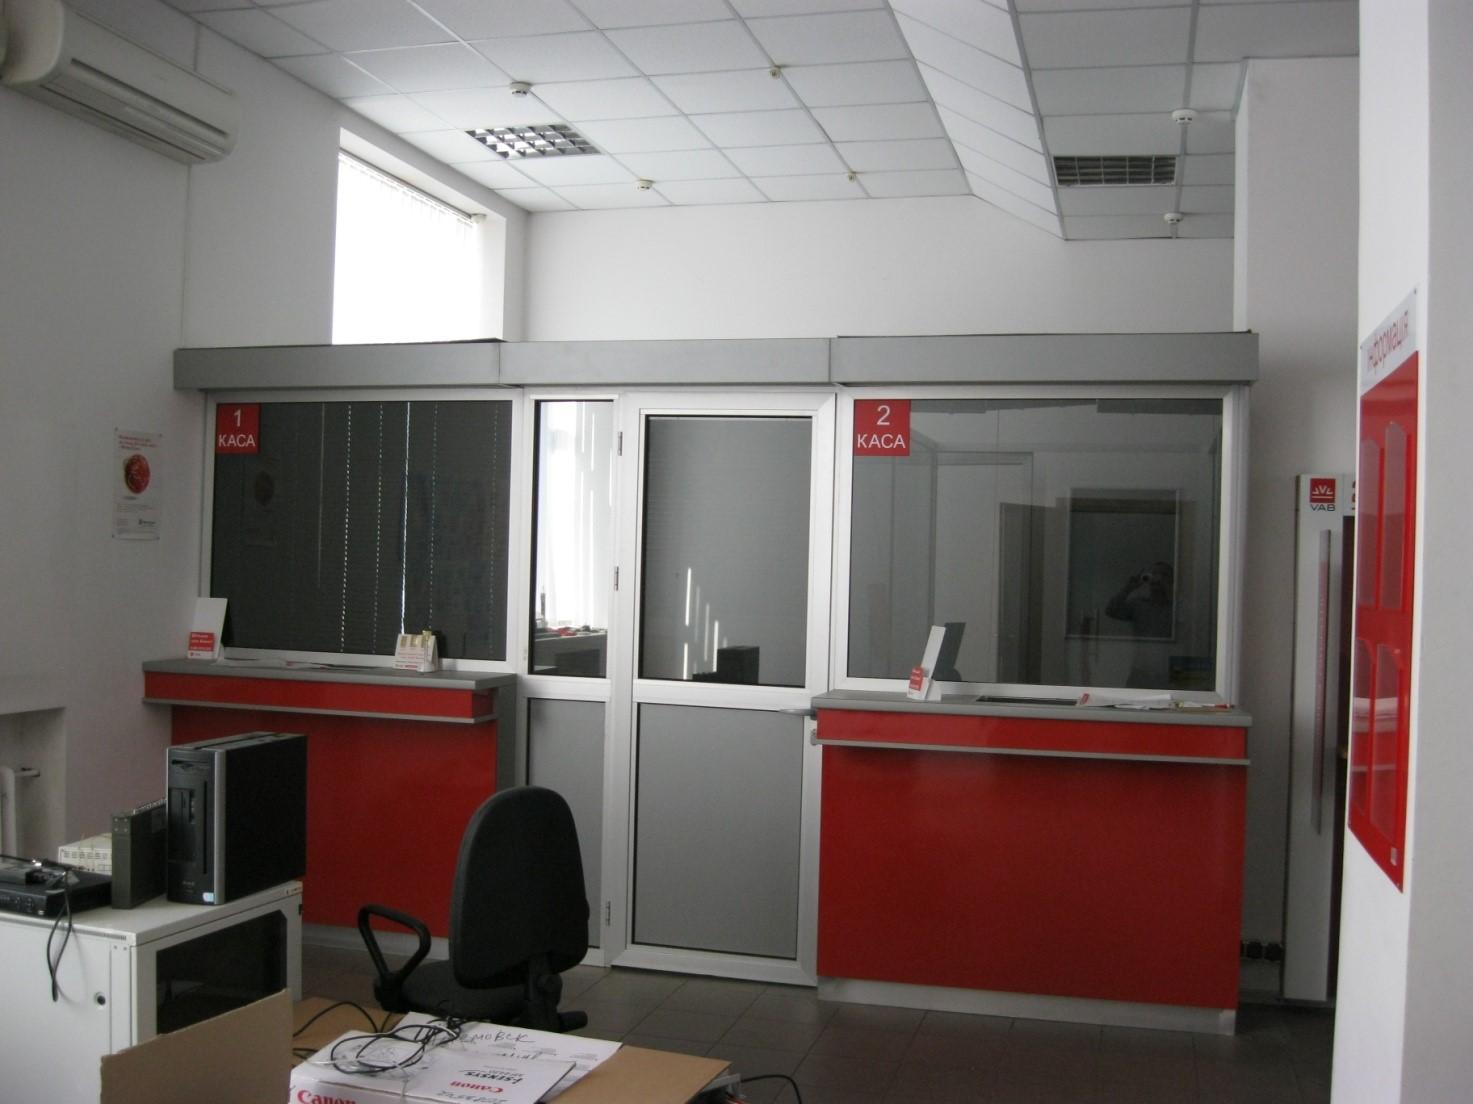 Нежитлове приміщення, площею 225,1 кв. м, в м. Бахмут